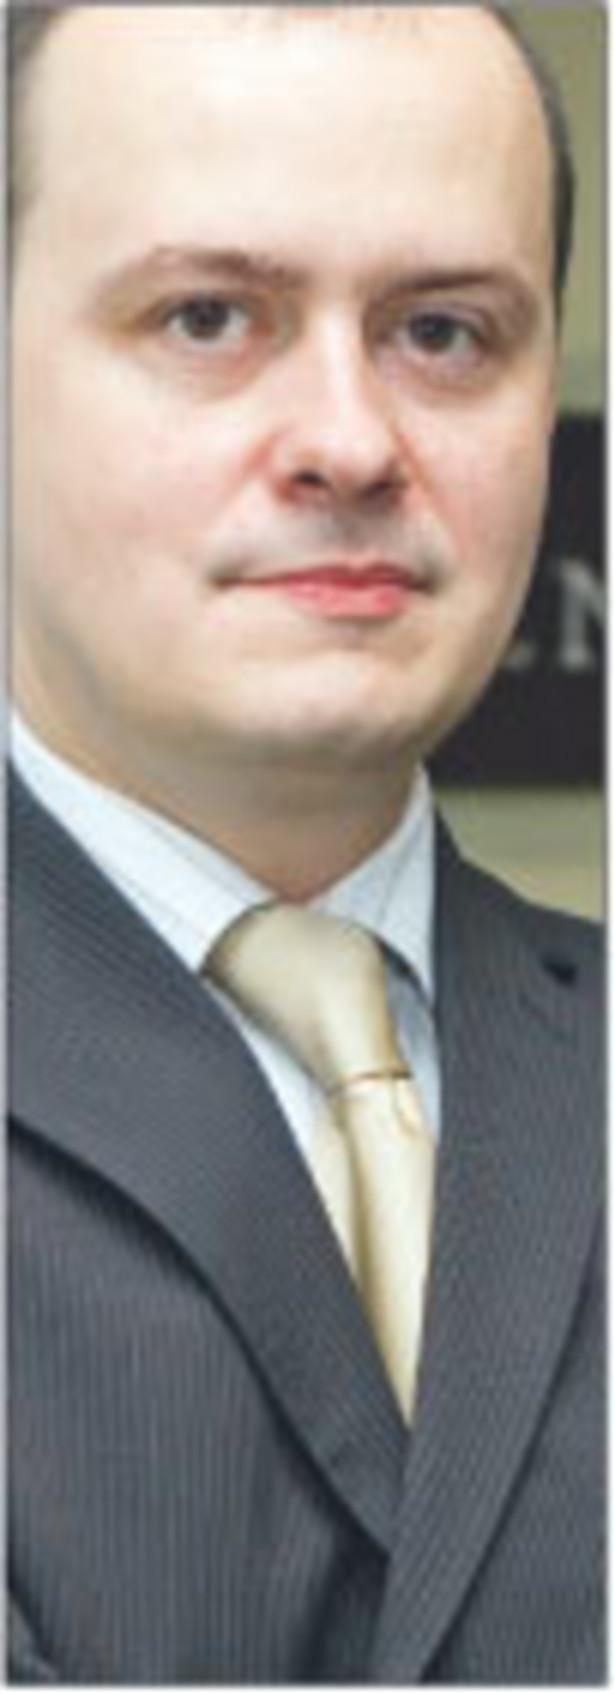 Rafał Duczek, radca prawny, Kancelaria Prawna Grynhoff Woźny Maliński